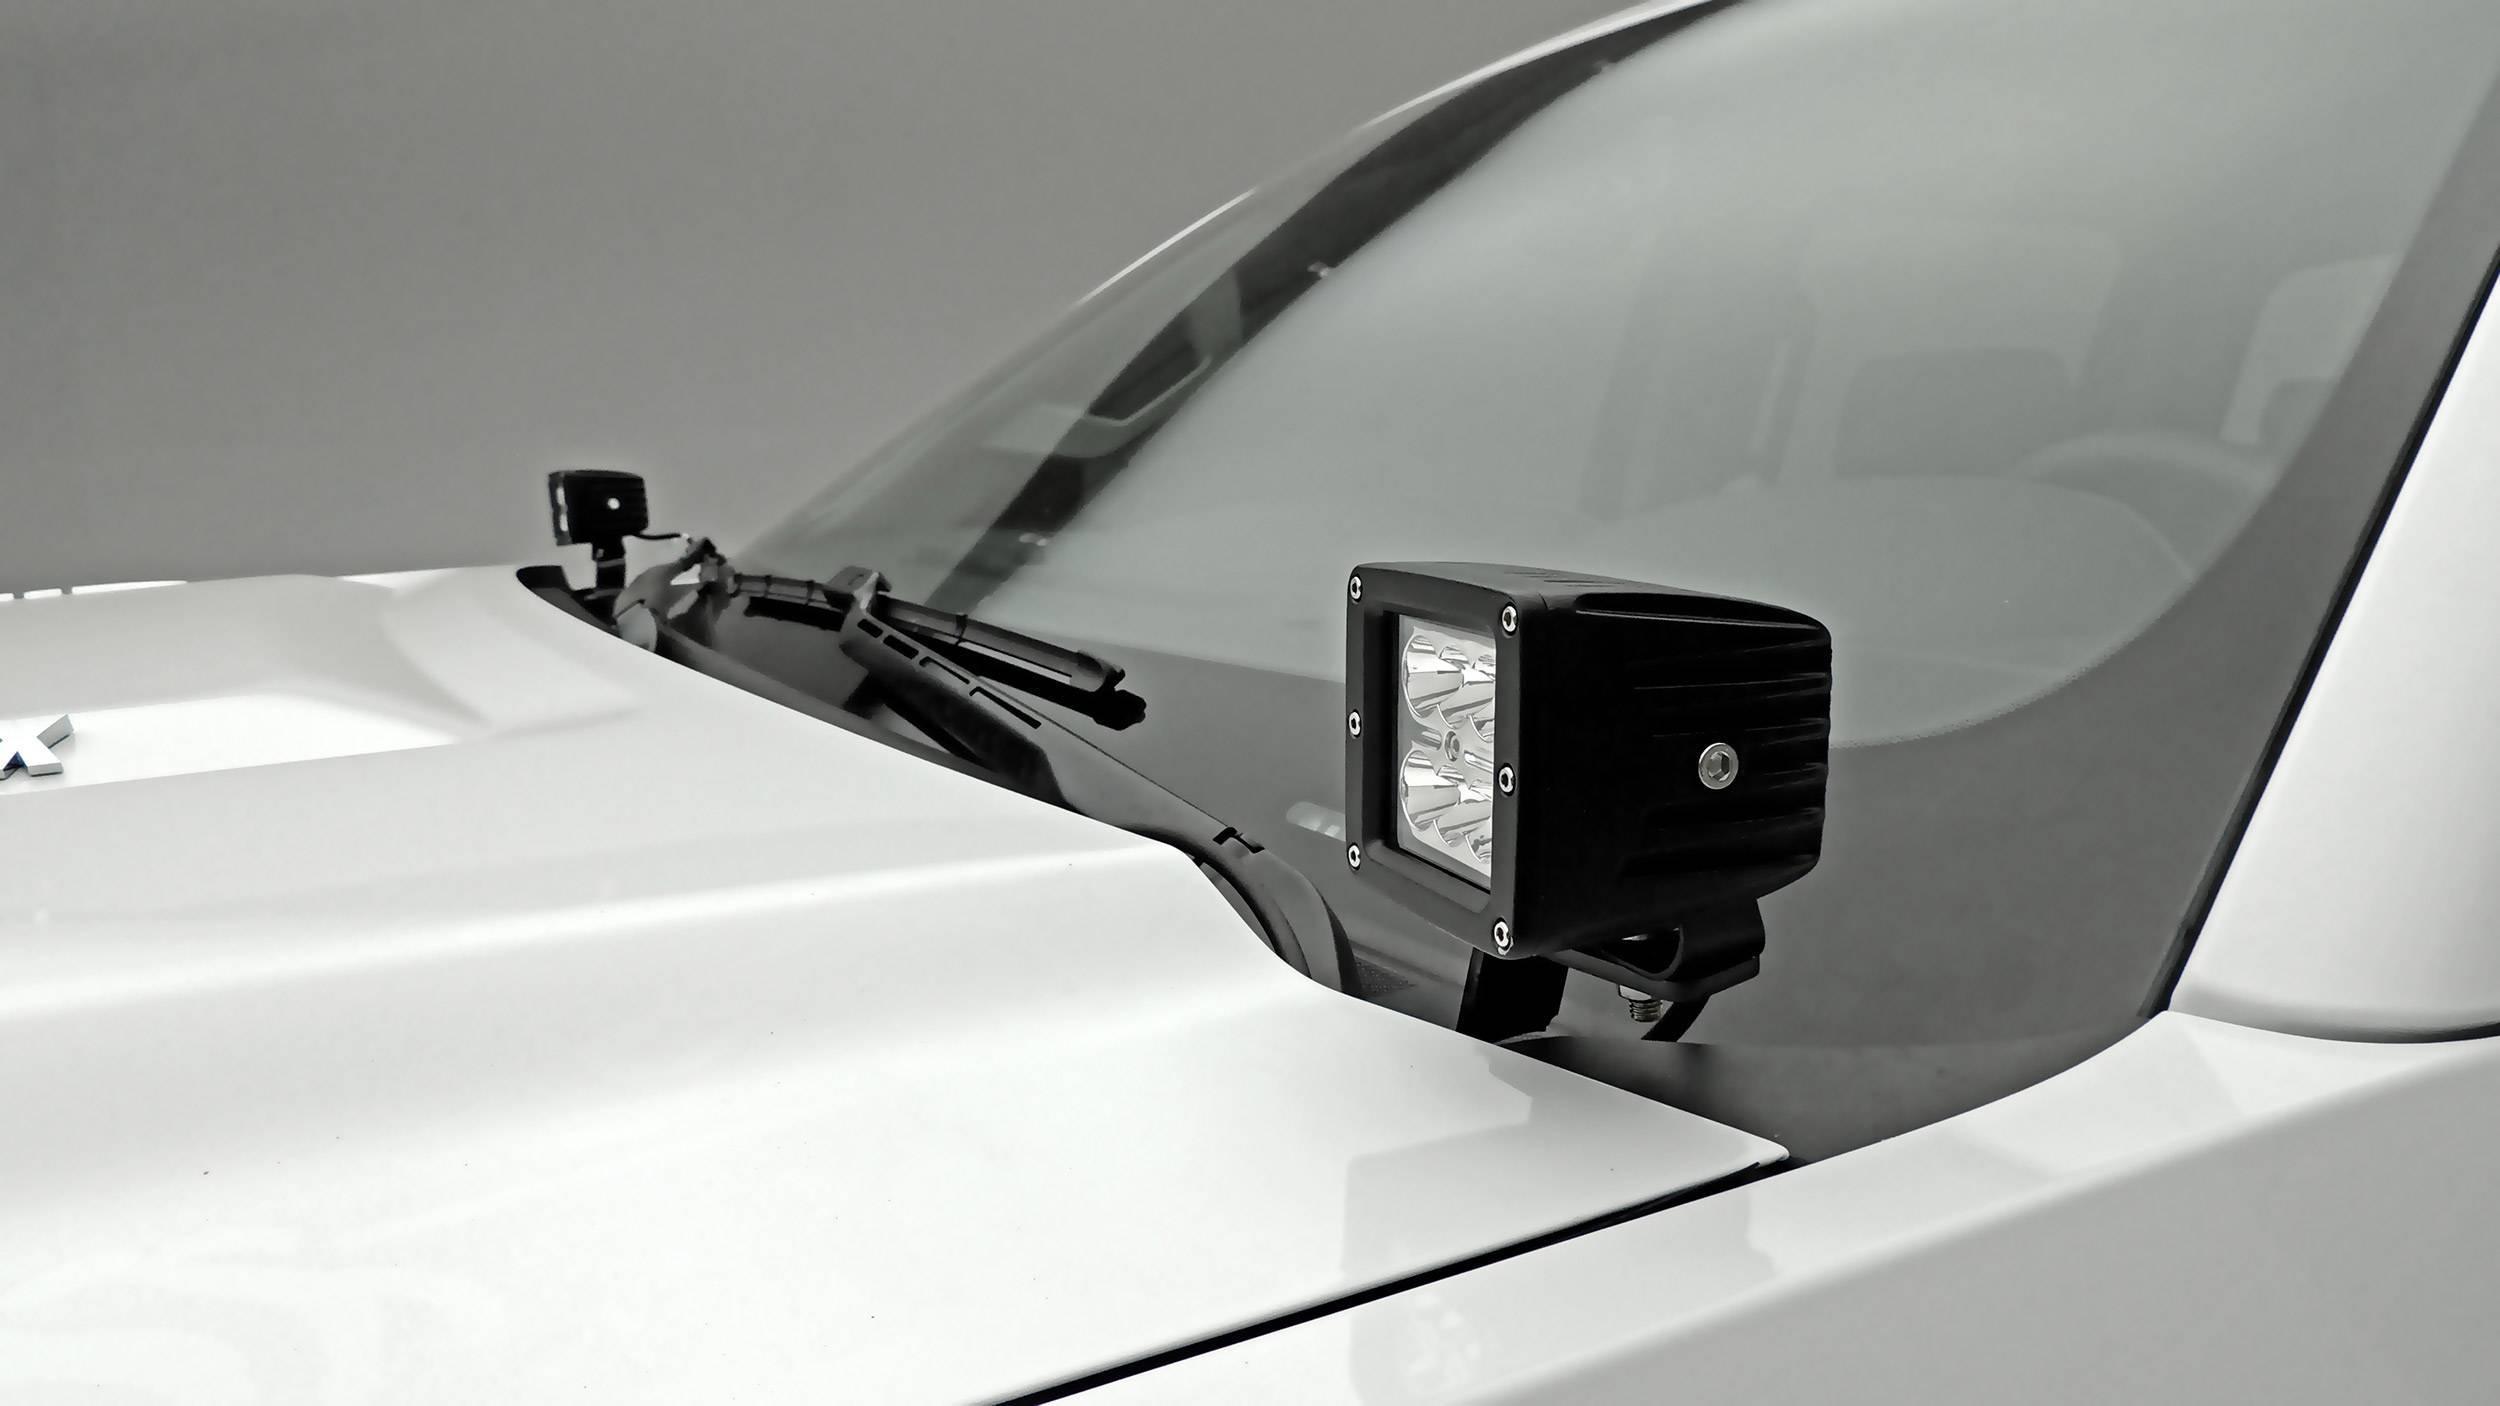 ZROADZ - 2015-2019 Silverado, Sierra 2500, 3500 Hood Hinge LED Bracket to mount (2) 3 Inch LED Pod Lights - PN #Z361221